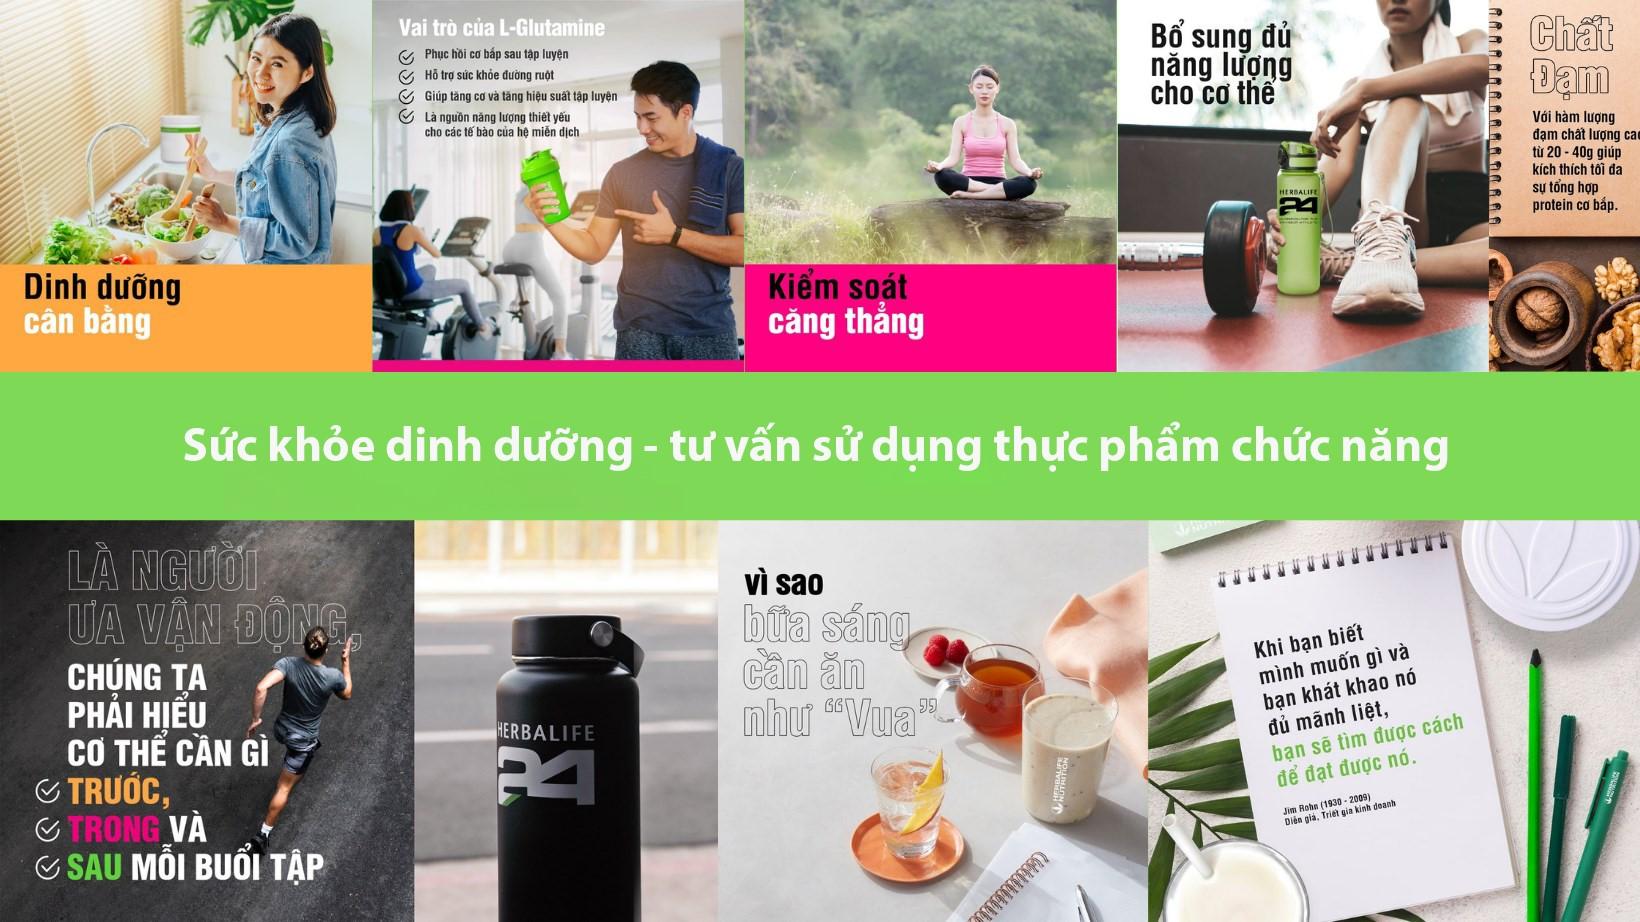 thucphamhoanhao